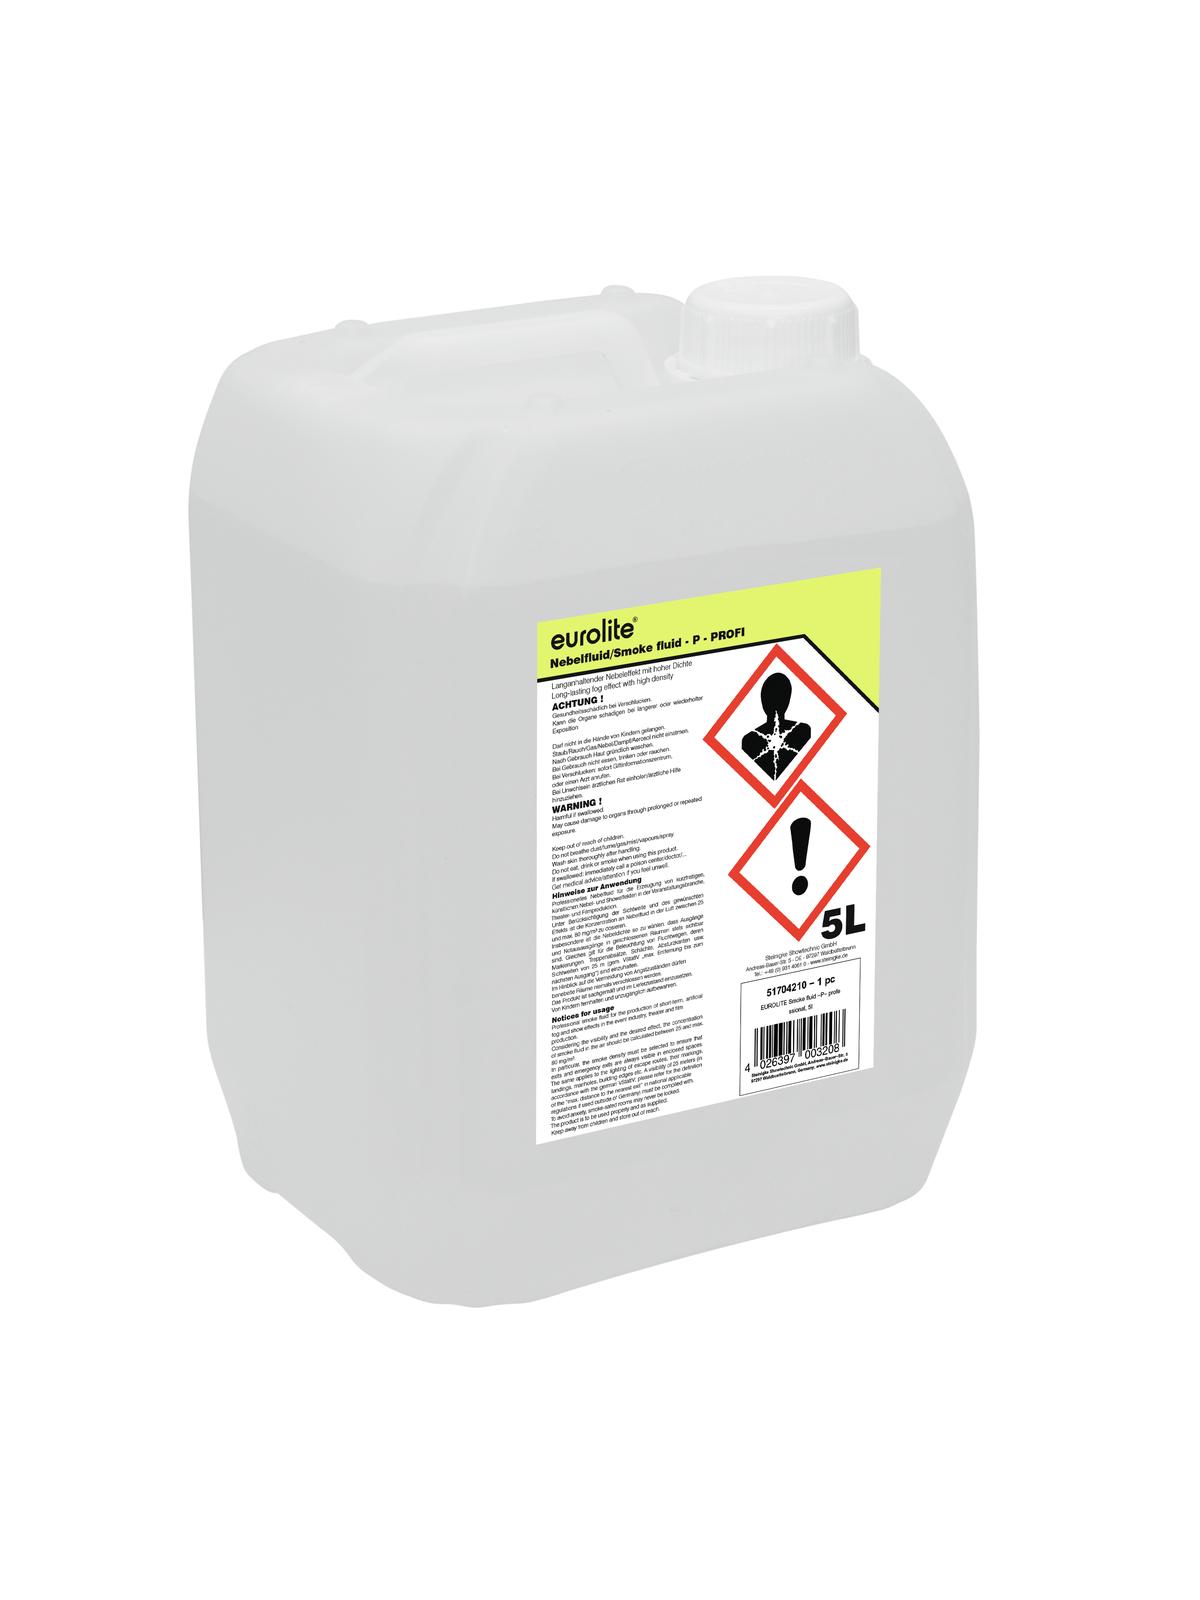 Liquido per macchina del fumo, professionale, 5 litri EUROLITE